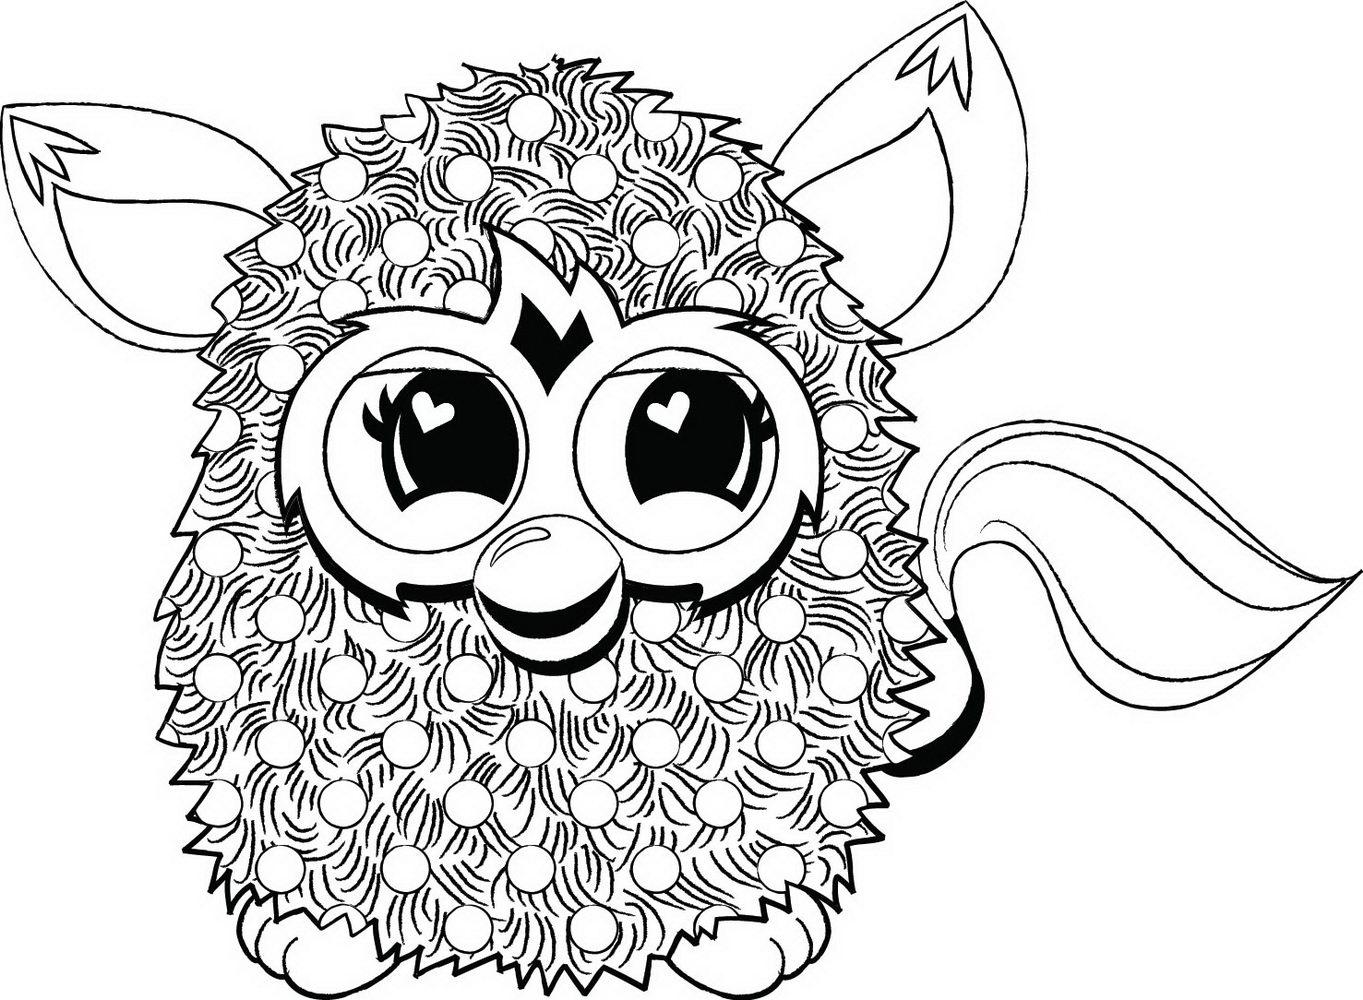 Картинки обезьянок к новому году раскраска